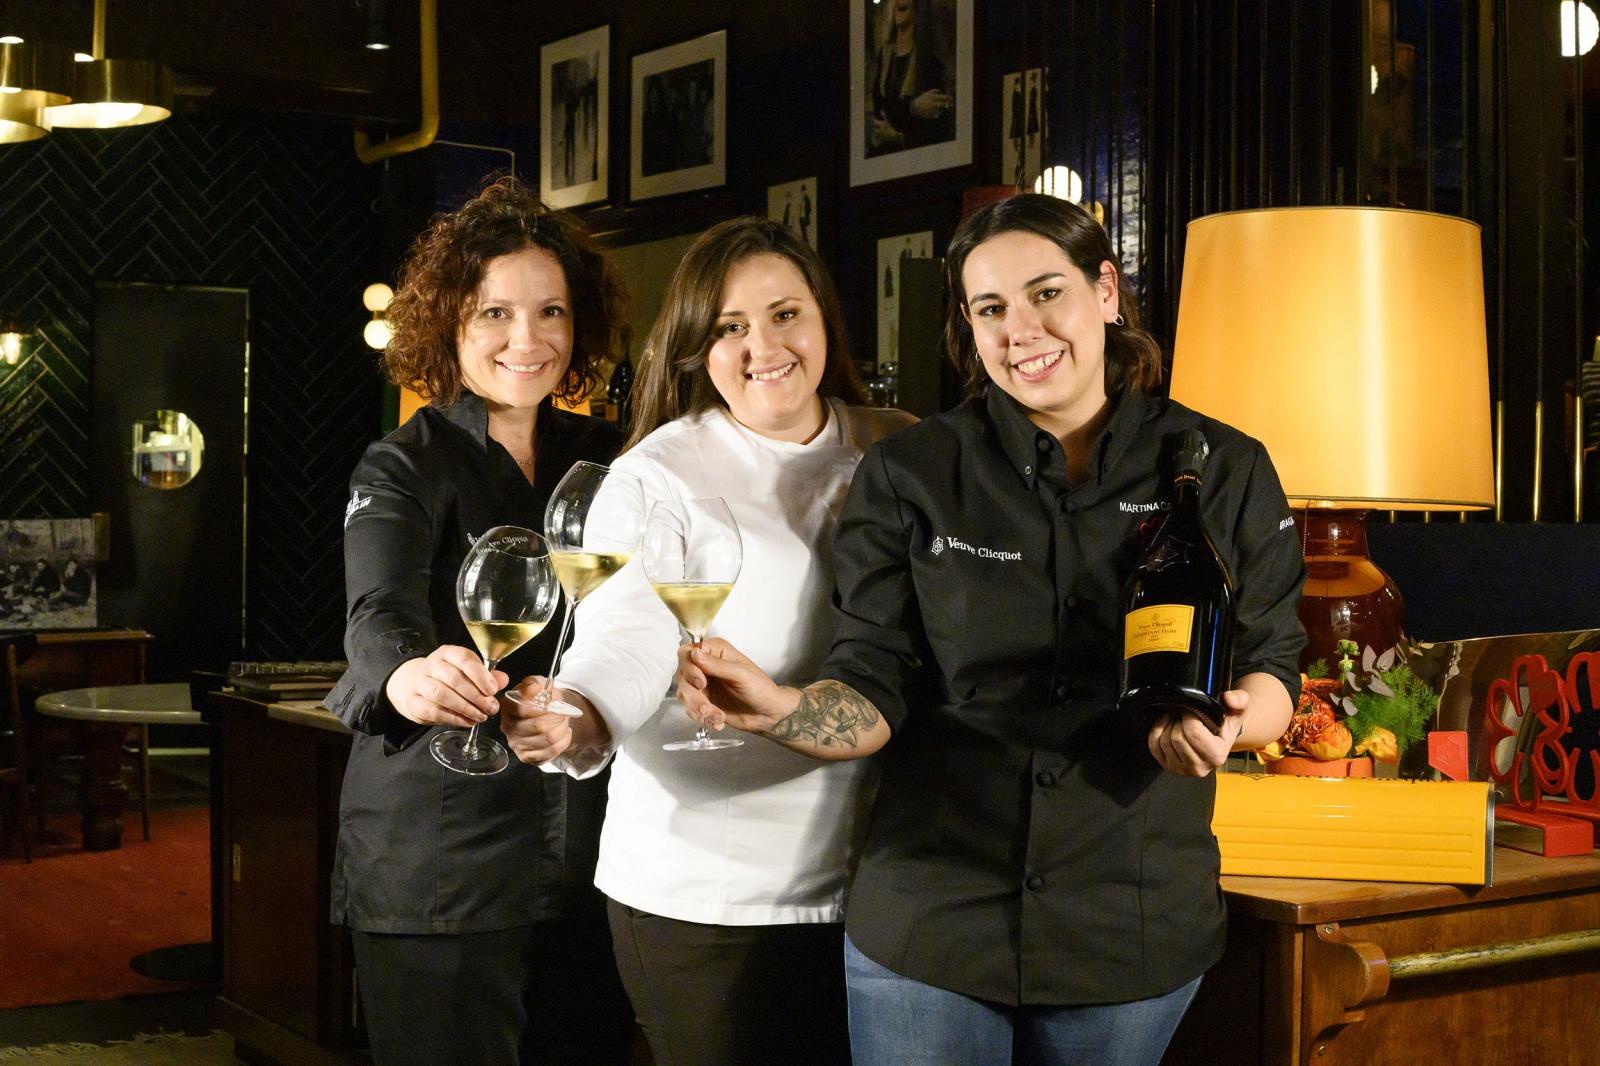 Da sx: Fabrizia Meroi, chef del ristorante Laite di Sappada (BL) – Caterina Ceraudo, chef del ristorante Dattilo di Strongoli (KR) - Martina Caruso, chef del ristorante Signum di Salina (Isole Eolie).